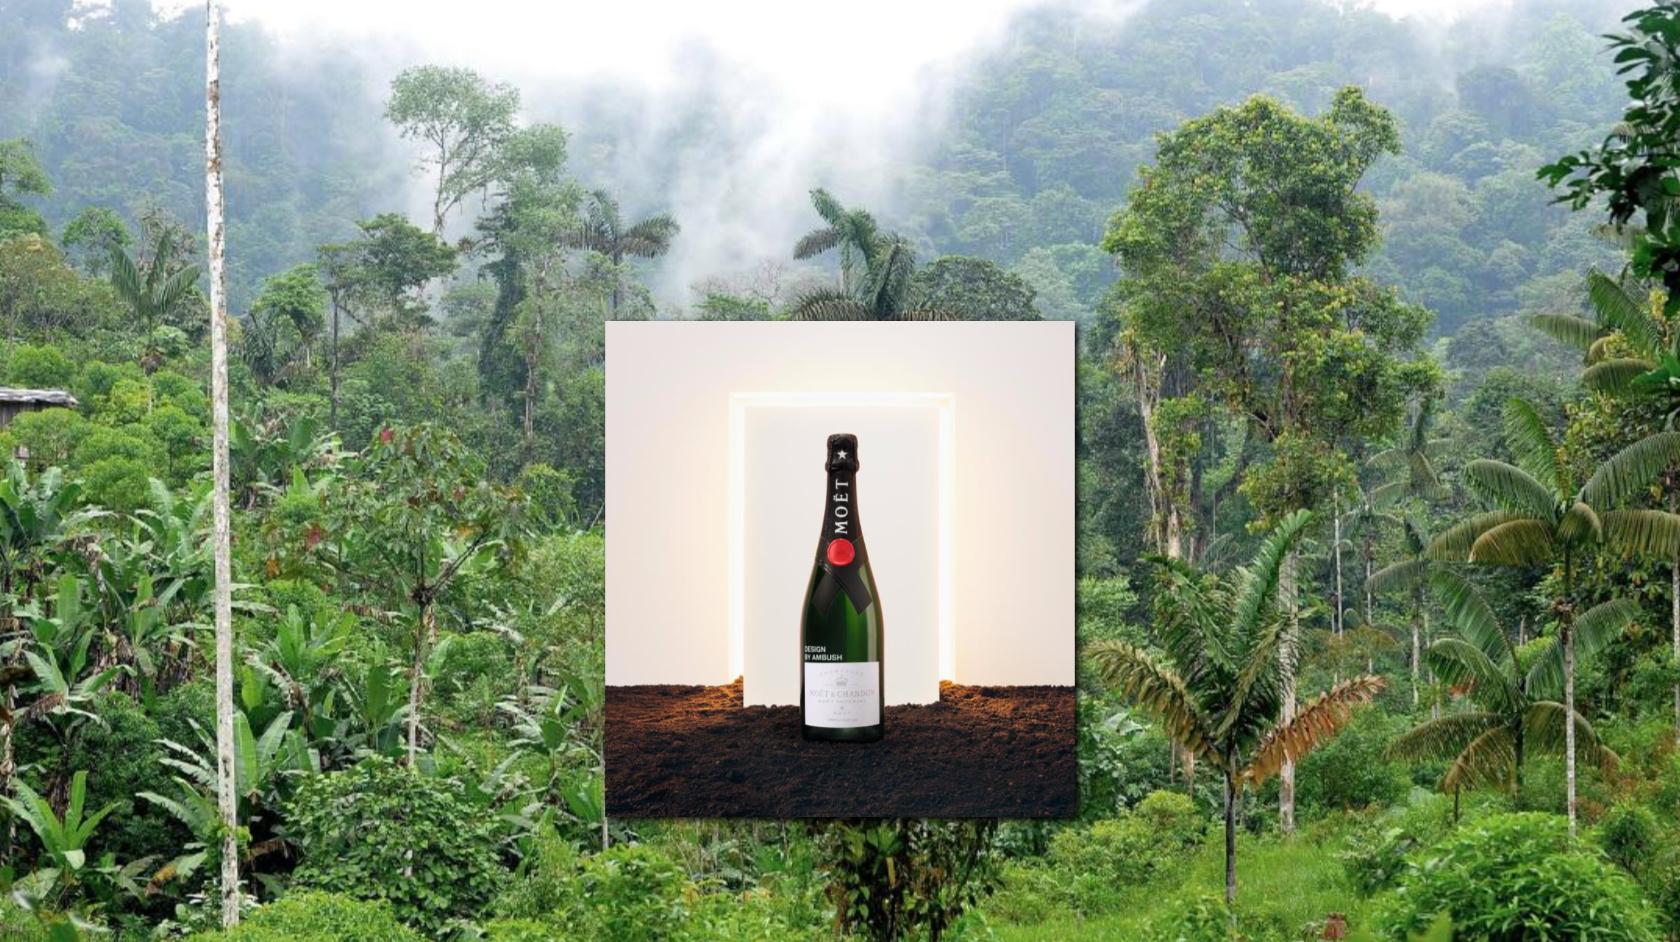 Moet & Chandon by AMBUSH - Deze Limited Edition steunt het regenwoud